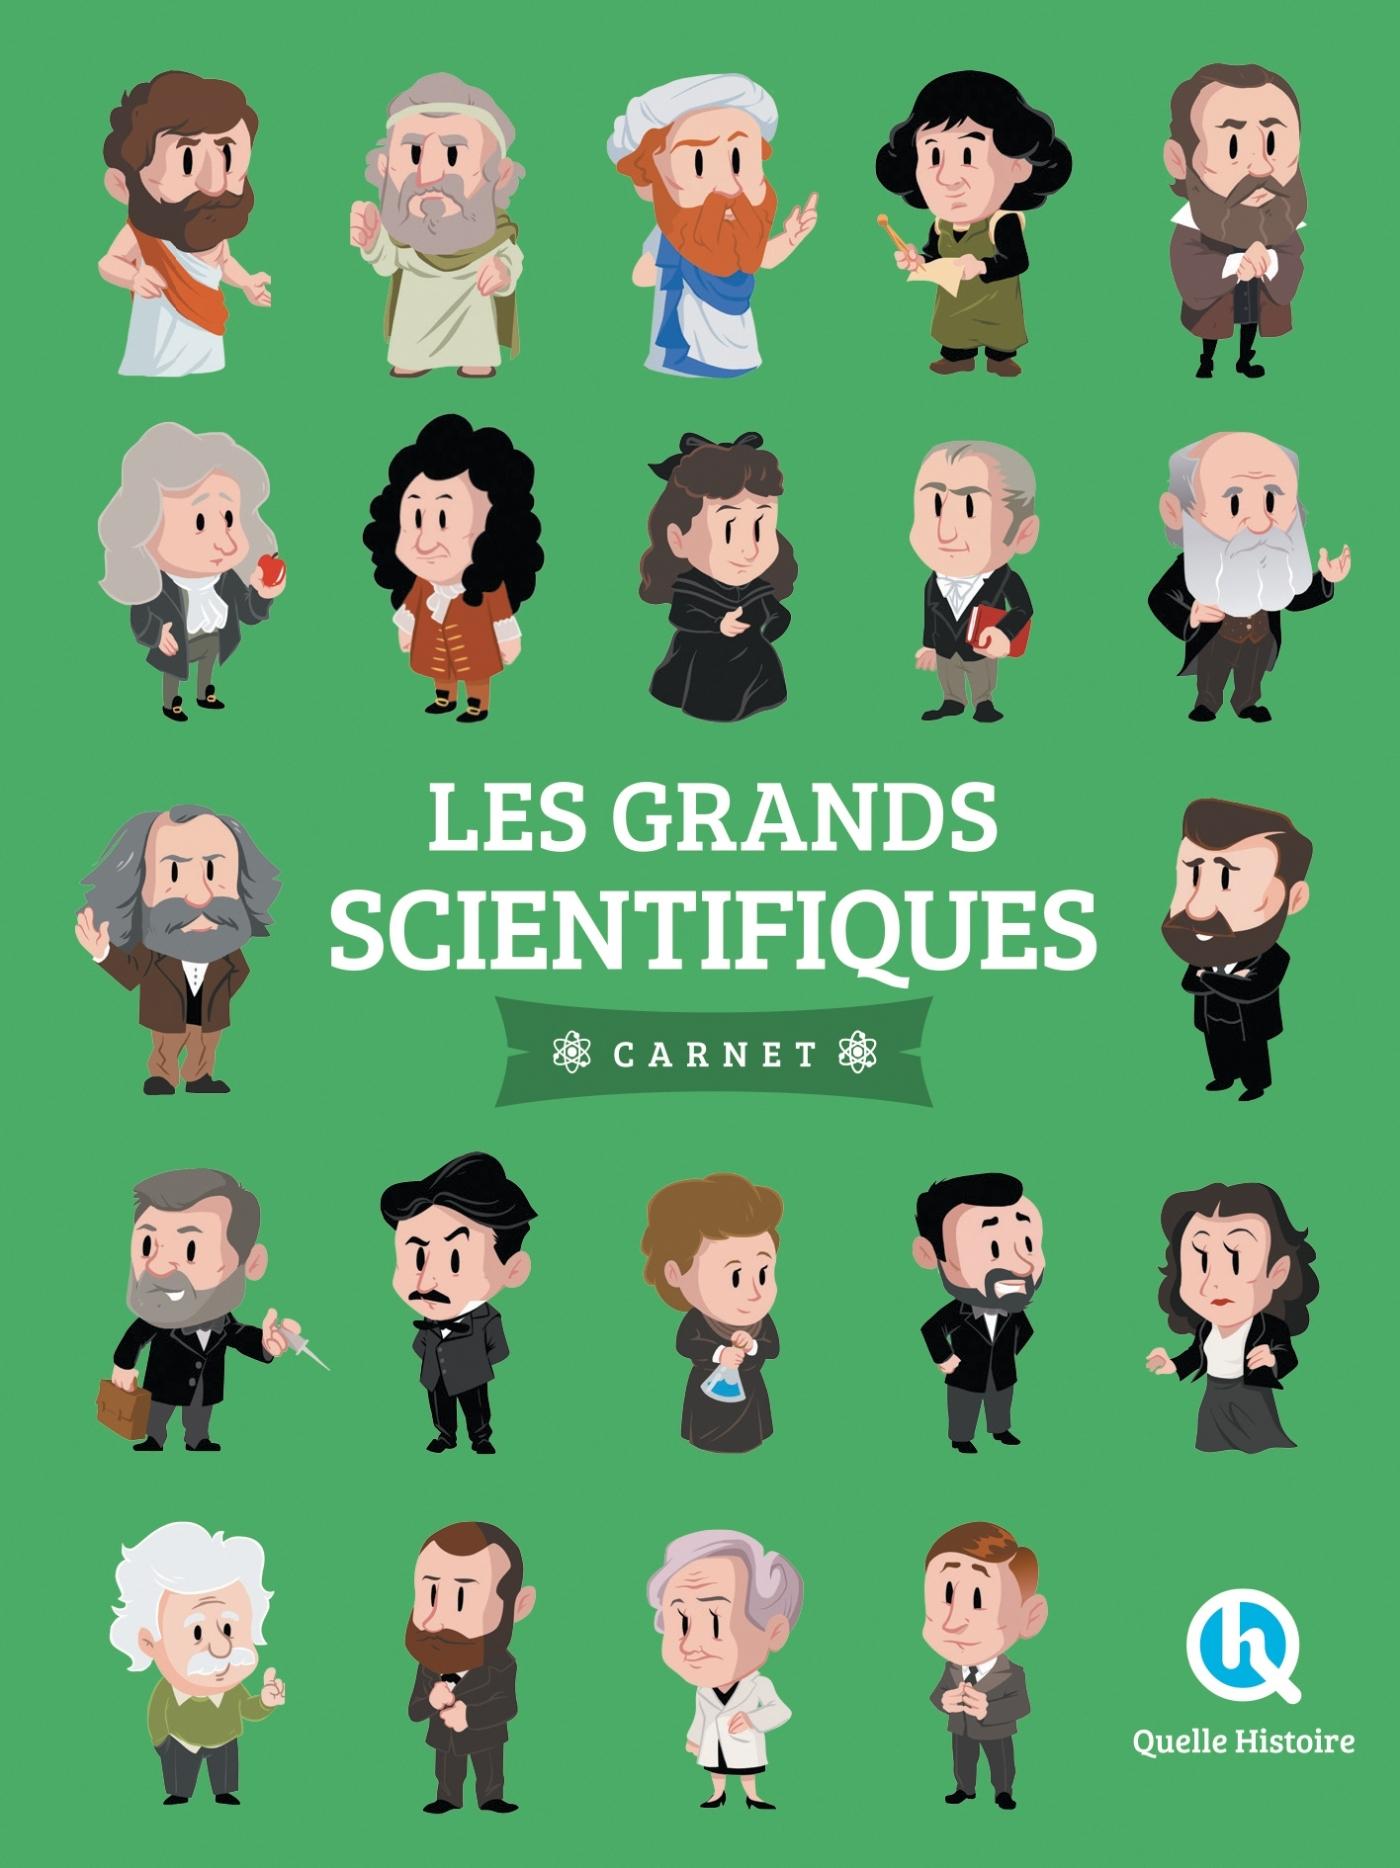 CARNET SCIENTIFIQUES